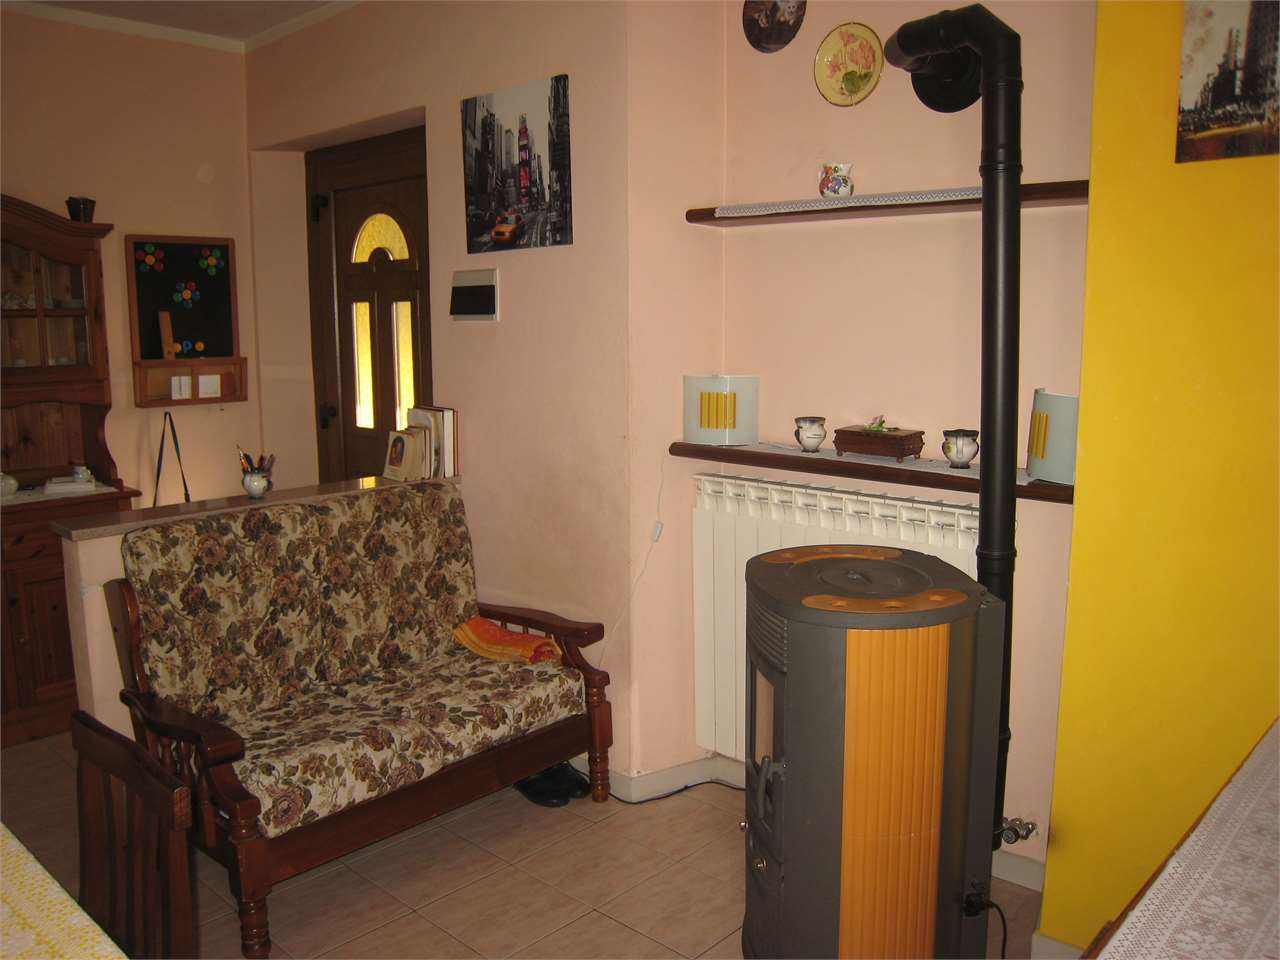 Foto 1 di Appartamento piazza morandini 11, Piedimulera